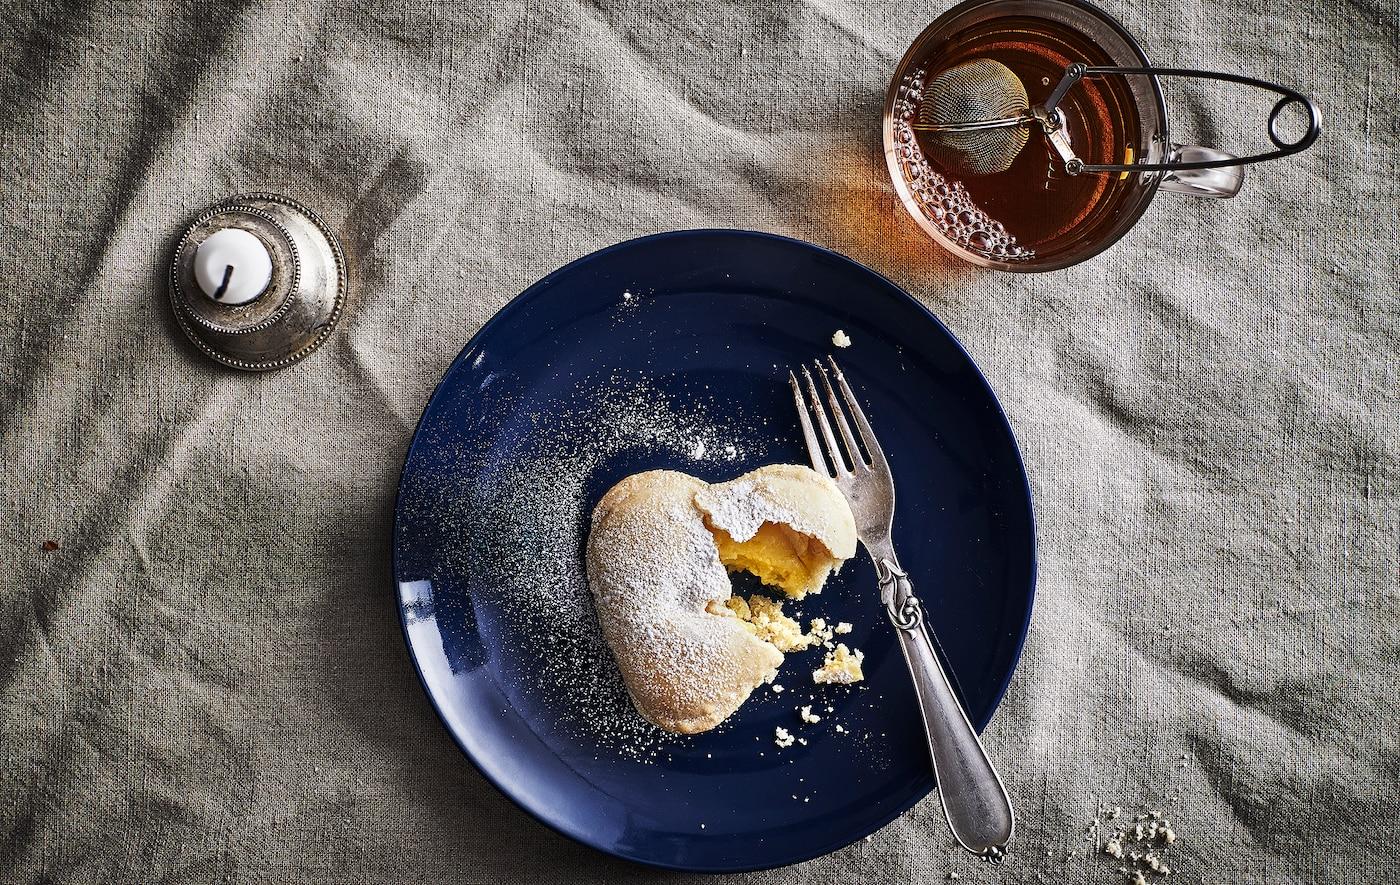 بسكويت فانيليا على شكل قلب وشوكة على طبق أزرق داكن وكوب شاي وشمعة.